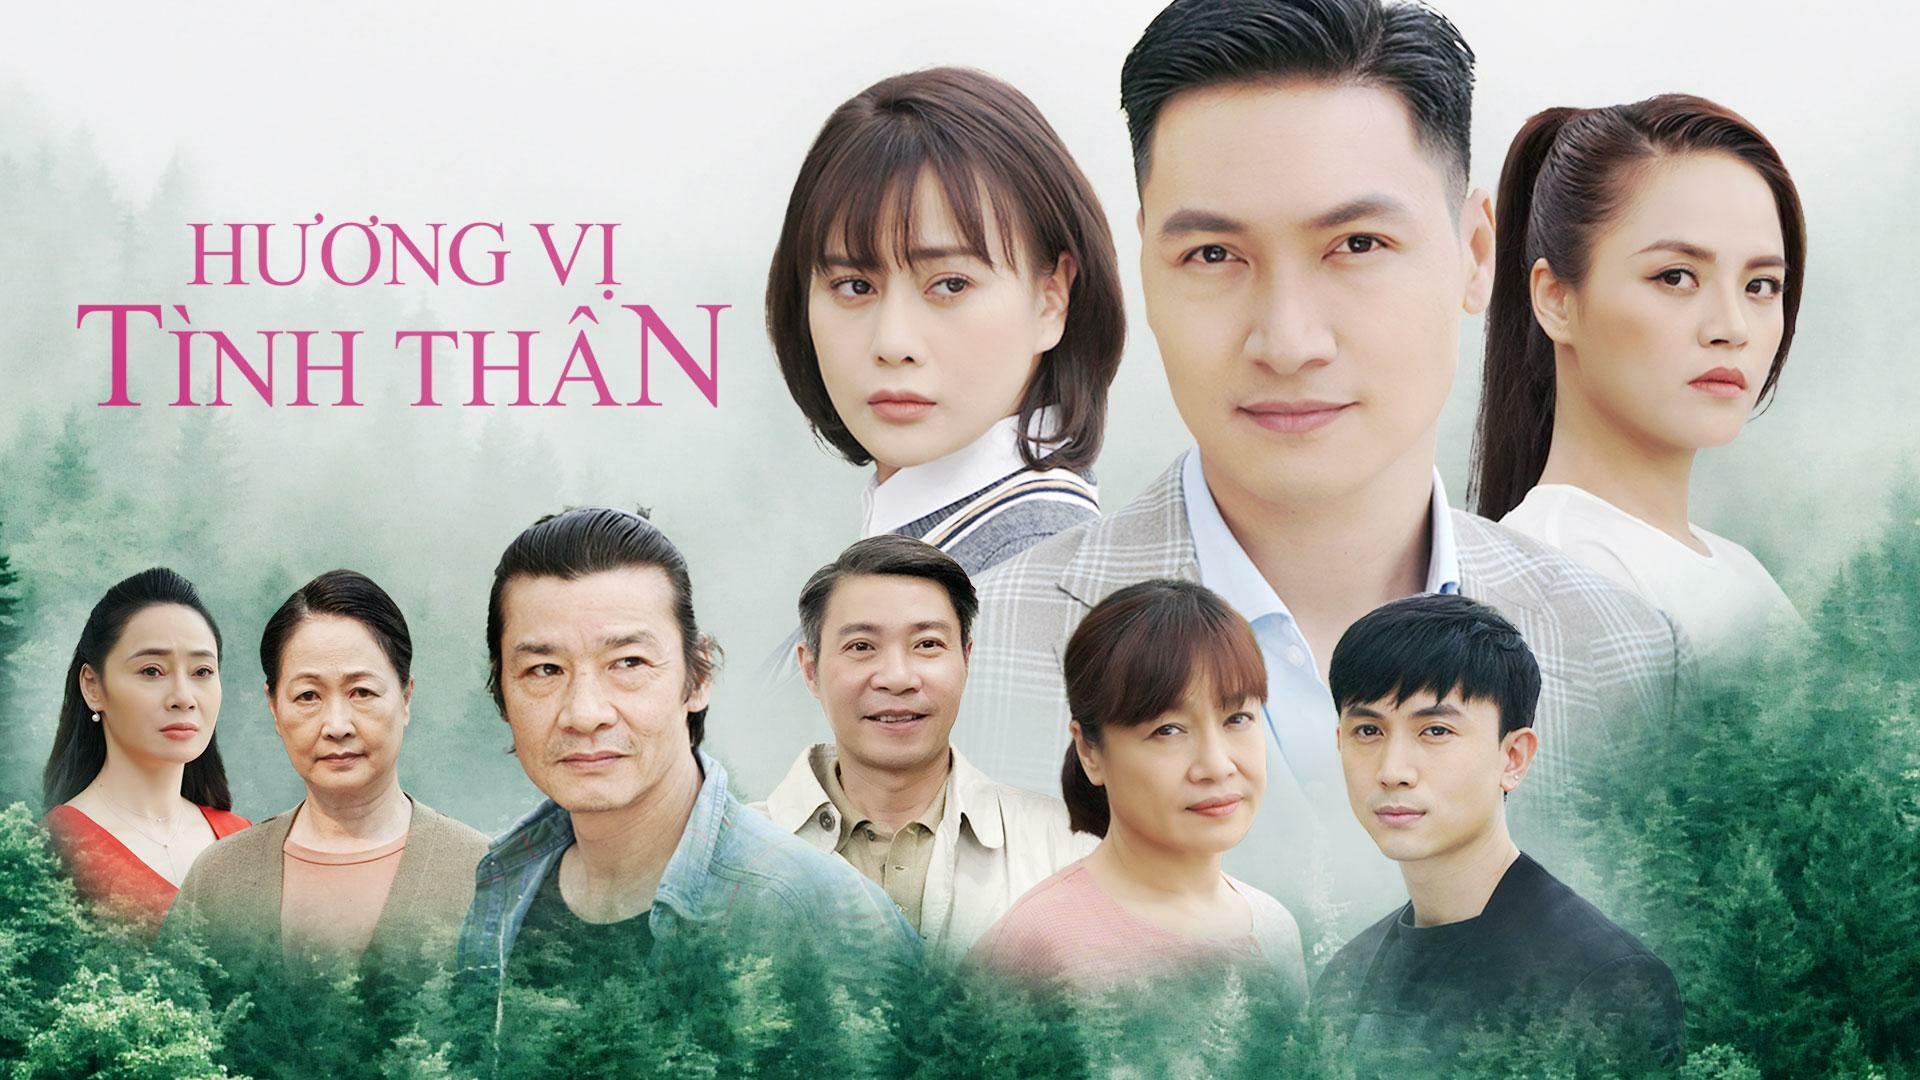 Phim bộ Việt Nam cảm xúc